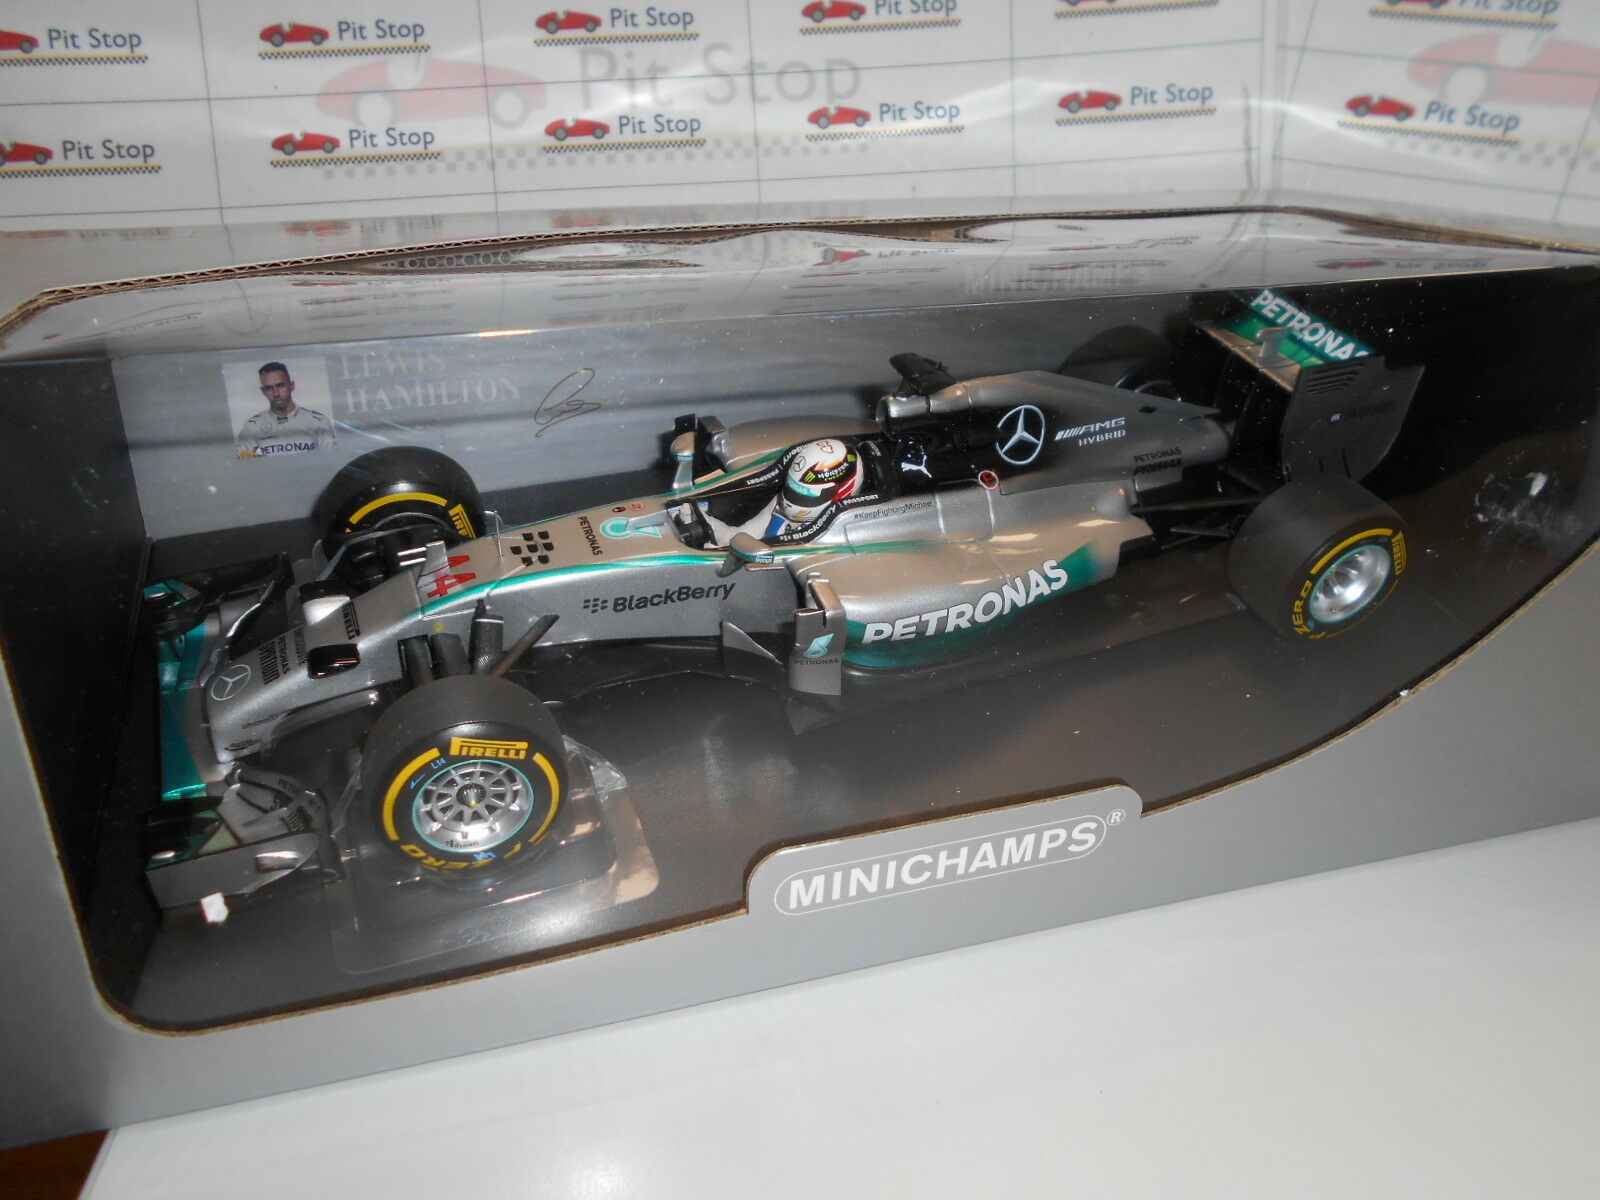 Min110140444 Mercedes AMG Petronas w05 Hybrid Hamilton Abu Dhabi'14 W.C 1 18